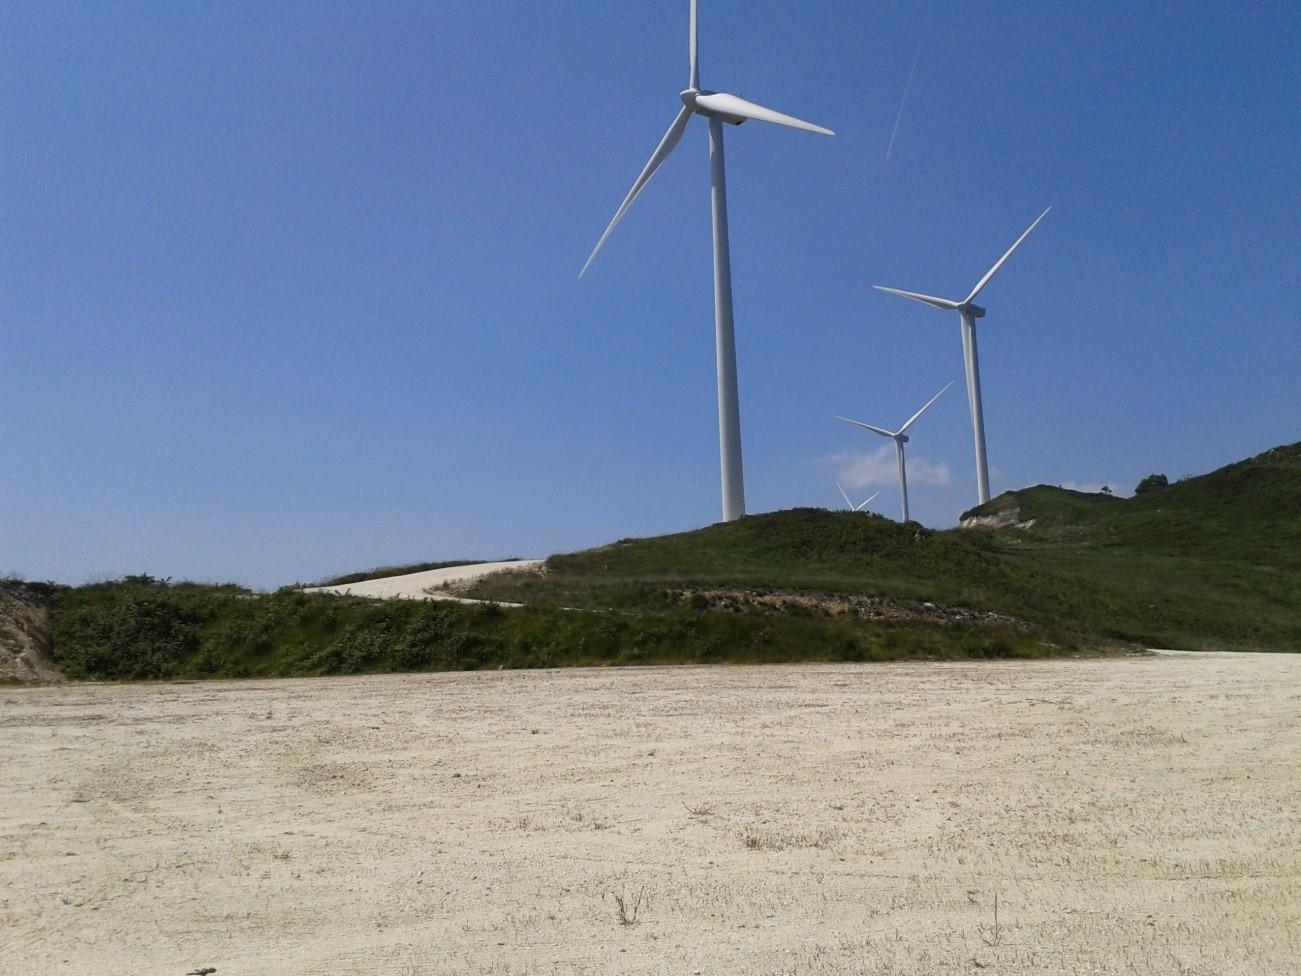 Parque Eólico Peña del Cuervo